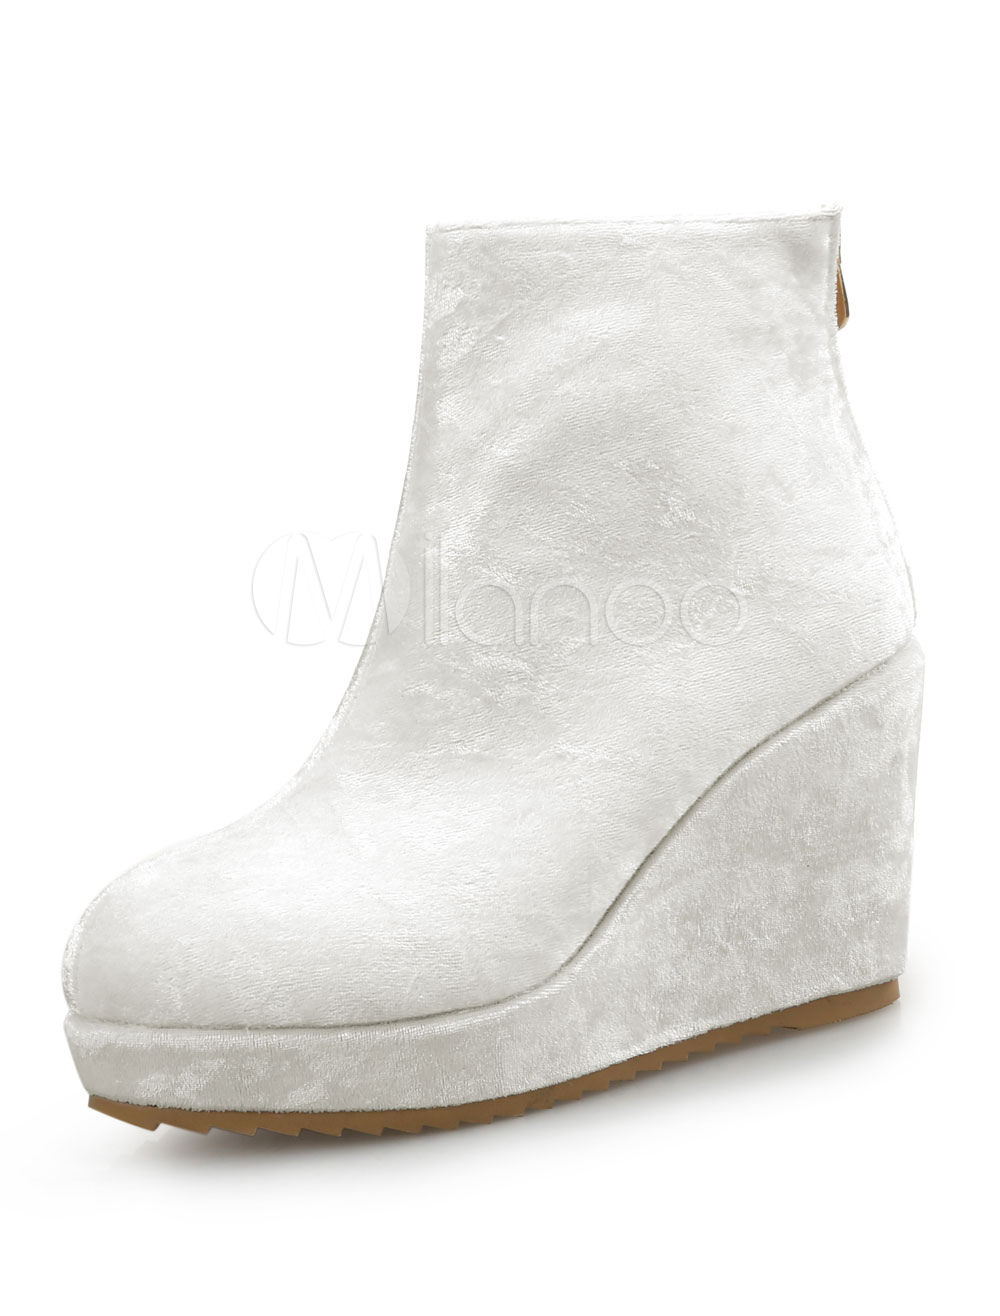 White Ankle Boots Velvet Round Toe